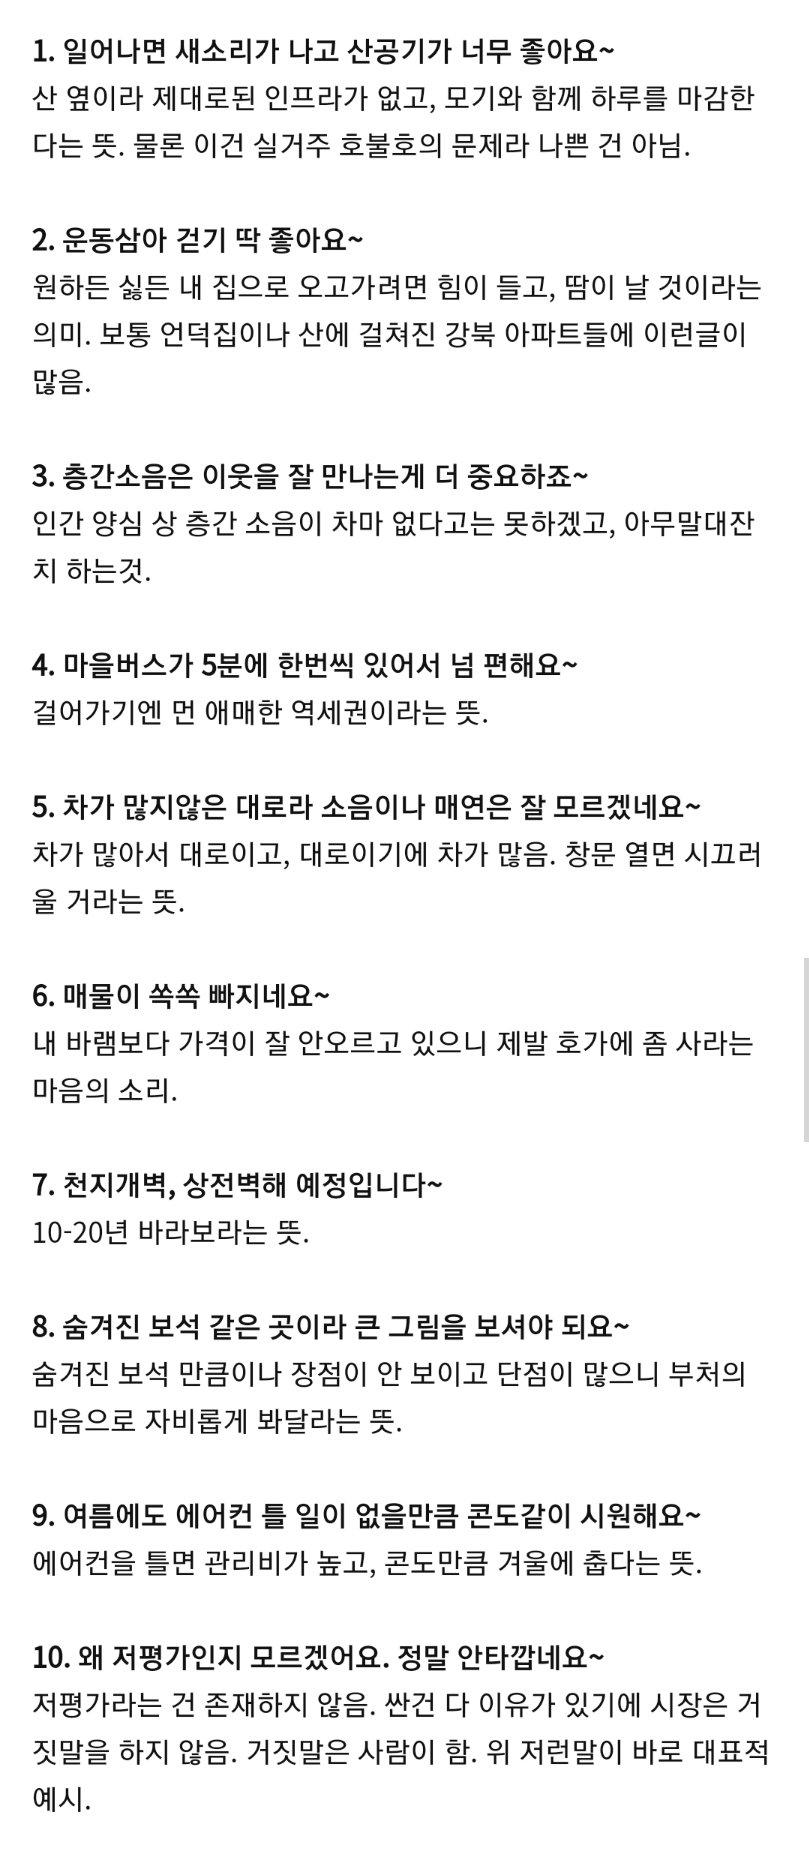 호갱노노 10대 거짓말.jpg